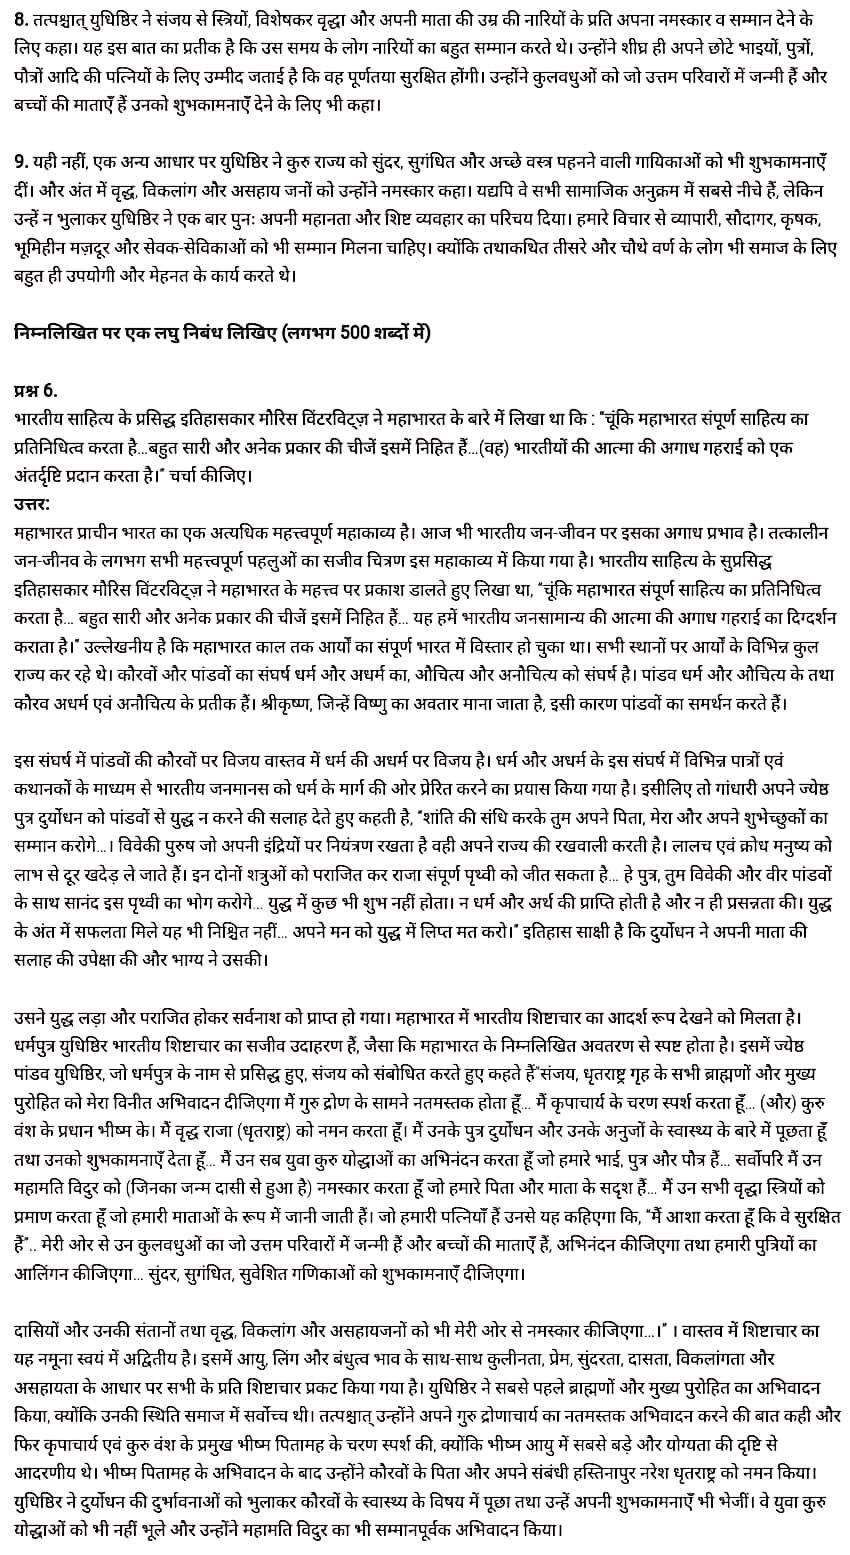 Class 12 History Chapter 3,  इतिहास कक्षा 12 नोट्स pdf,  इतिहास कक्षा 12 नोट्स 2021 NCERT,  इतिहास कक्षा 12 PDF,  इतिहास पुस्तक,  इतिहास की बुक,  इतिहास प्रश्नोत्तरी Class 12, 12 वीं इतिहास पुस्तक up board,  बिहार बोर्ड 12 वीं इतिहास नोट्स,   12th History book in hindi,12th History notes in hindi,cbse books for class 12,cbse books in hindi,cbse ncert books,class 12 History notes in hindi,class 12 hindi ncert solutions,History 2020,History 2021,History 2022,History book class 12,History book in hindi,History class 12 in hindi,History notes for class 12 up board in hindi,ncert all books,ncert app in hindi,ncert book solution,ncert books class 10,ncert books class 12,ncert books for class 7,ncert books for upsc in hindi,ncert books in hindi class 10,ncert books in hindi for class 12 History,ncert books in hindi for class 6,ncert books in hindi pdf,ncert class 12 hindi book,ncert english book,ncert History book in hindi,ncert History books in hindi pdf,ncert History class 12,ncert in hindi,old ncert books in hindi,online ncert books in hindi,up board 12th,up board 12th syllabus,up board class 10 hindi book,up board class 12 books,up board class 12 new syllabus,up Board Maths 2020,up Board Maths 2021,up Board Maths 2022,up Board Maths 2023,up board intermediate History syllabus,up board intermediate syllabus 2021,Up board Master 2021,up board model paper 2021,up board model paper all subject,up board new syllabus of class 12th History,up board paper 2021,Up board syllabus 2021,UP board syllabus 2022,  12 वीं इतिहास पुस्तक हिंदी में, 12 वीं इतिहास नोट्स हिंदी में, कक्षा 12 के लिए सीबीएससी पुस्तकें, हिंदी में सीबीएससी पुस्तकें, सीबीएससी  पुस्तकें, कक्षा 12 इतिहास नोट्स हिंदी में, कक्षा 12 हिंदी एनसीईआरटी समाधान, इतिहास 2020, इतिहास 2021, इतिहास 2022, इतिहास  बुक क्लास 12, इतिहास बुक इन हिंदी, इतिहास क्लास 12 हिंदी में, इतिहास नोट्स इन क्लास 12 यूपी  बोर्ड इन हिंदी, एनसीईआरटी इतिहास की किताब हिंदी में,  बोर्ड 12 वीं तक, 12 वीं तक की पाठ्यक्रम, बोर्ड कक्षा 10 की हिंदी पुस्तक